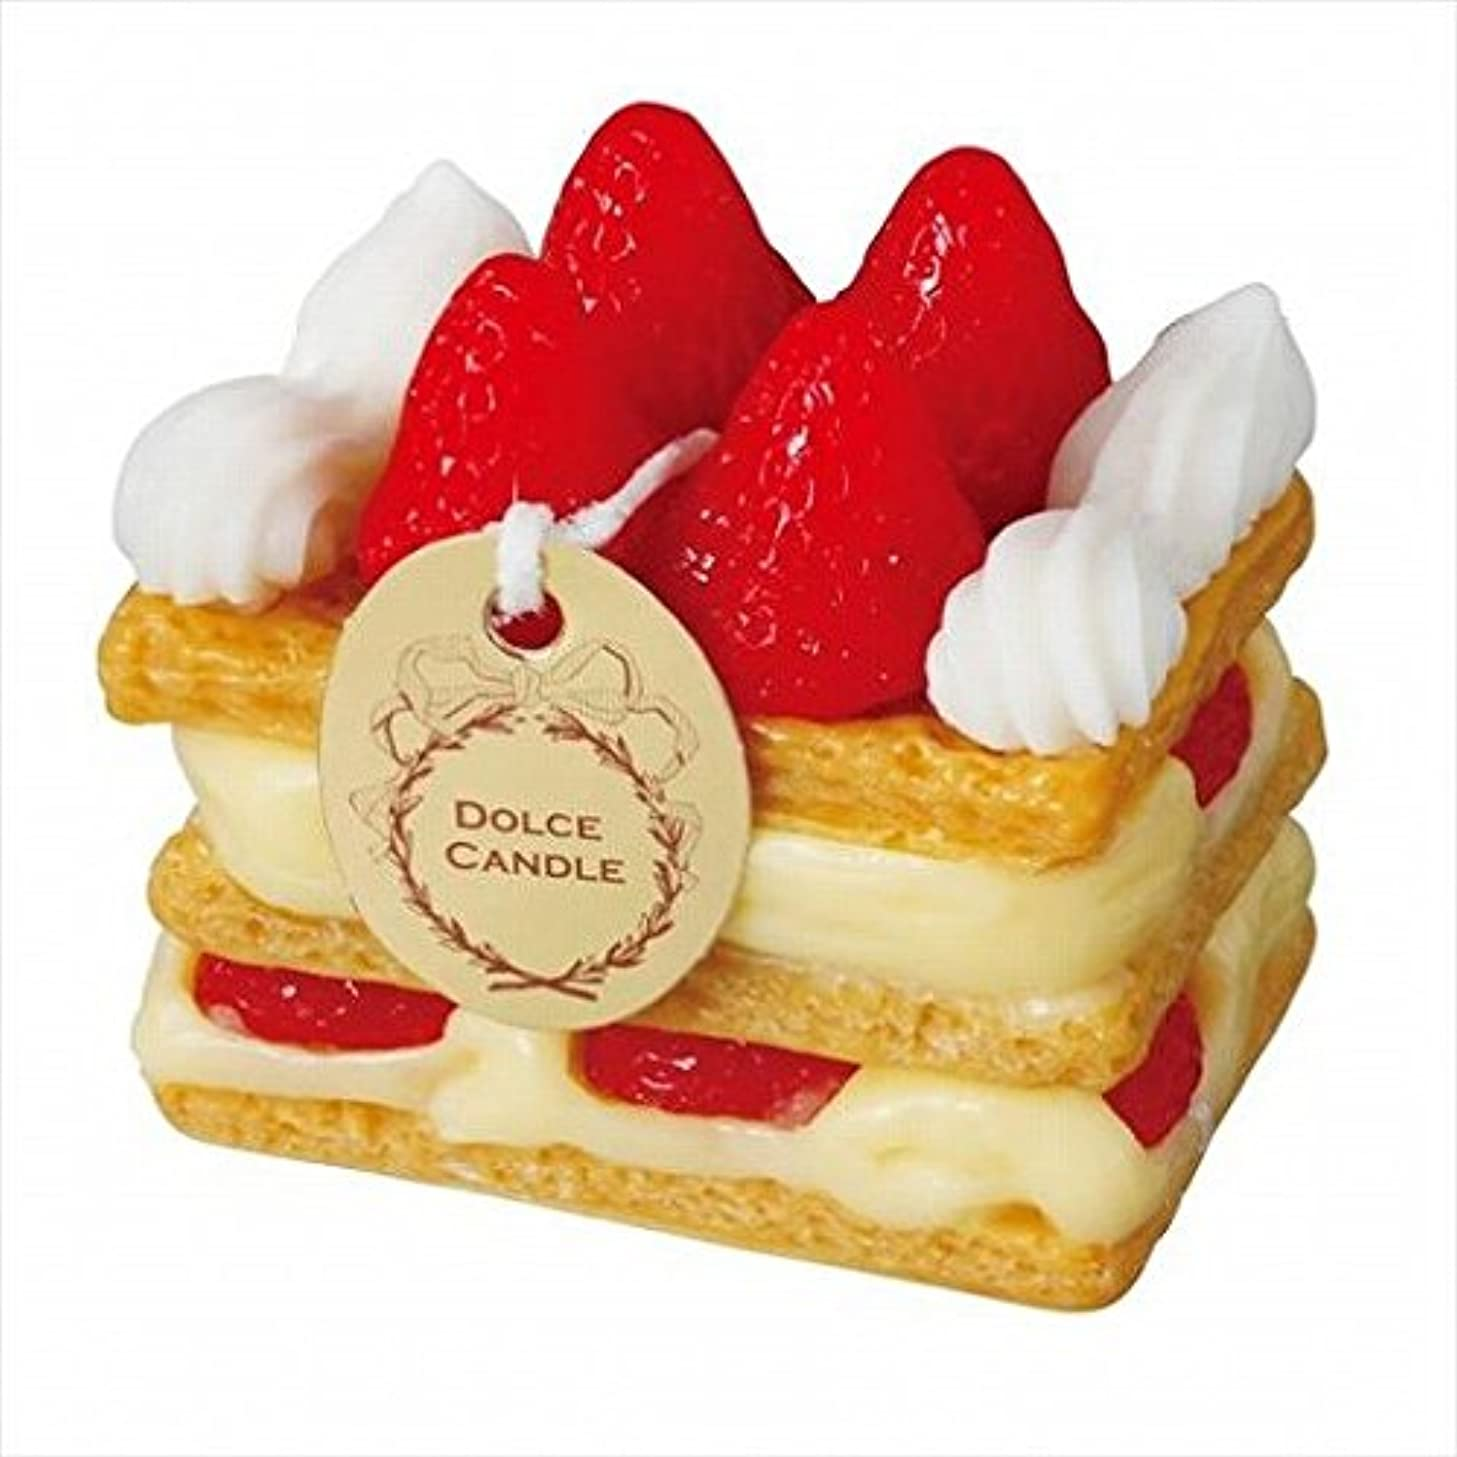 幅シルク領収書sweets candle(スイーツキャンドル) ドルチェキャンドル 「 ミルフィーユ 」 キャンドル 60x40x60mm (A4340510)